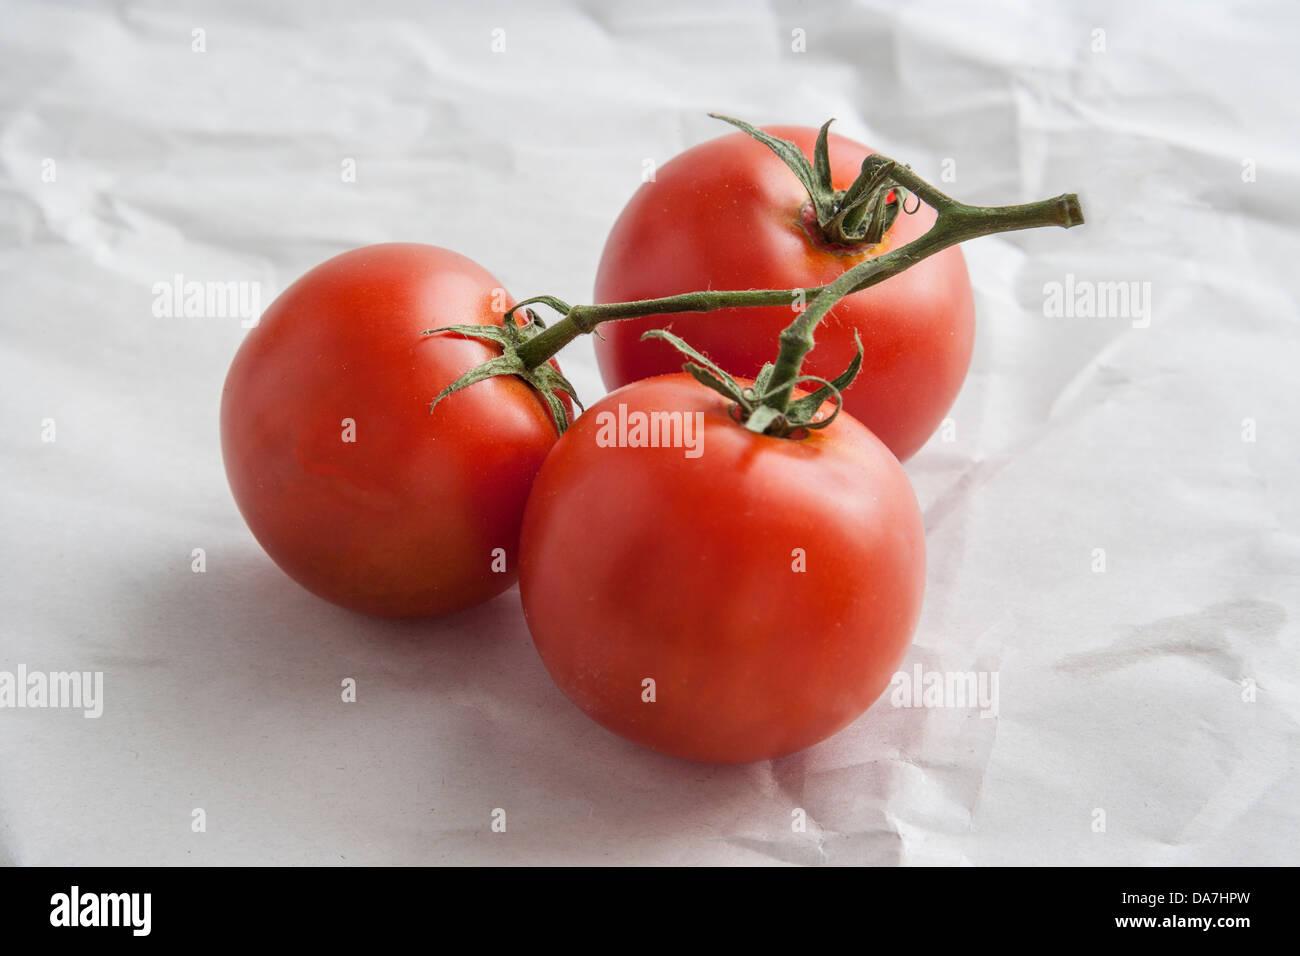 rote, reife Tomaten auf Metzger Papier Stockbild